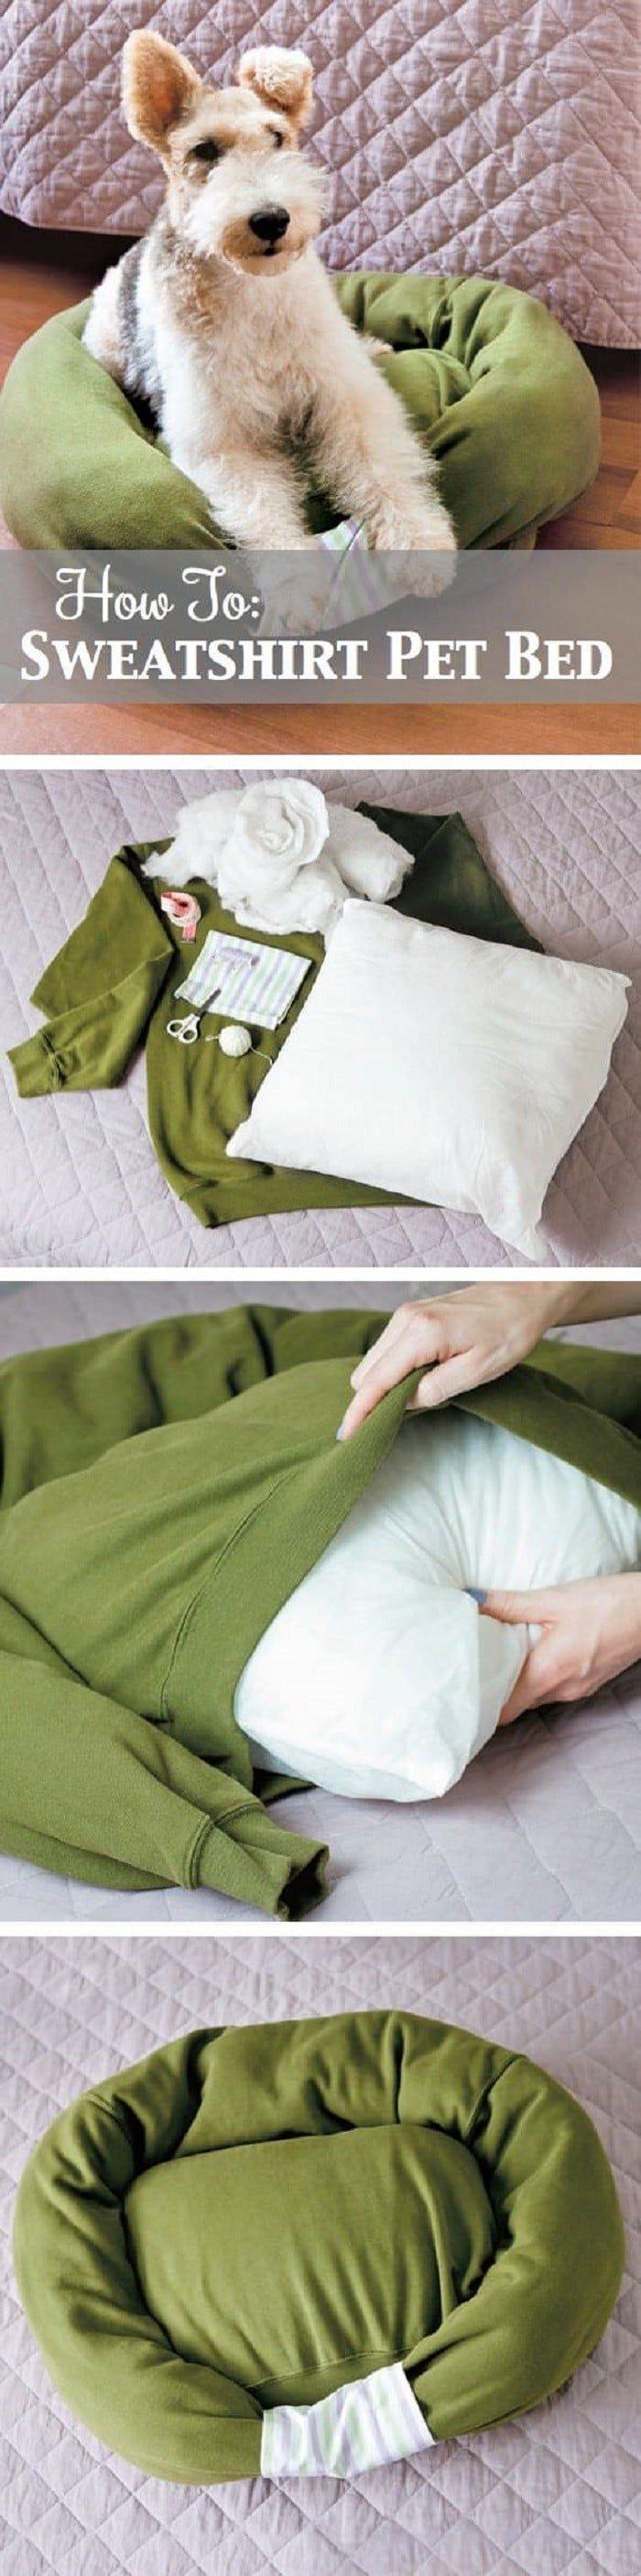 lit de chien Sweatshirt